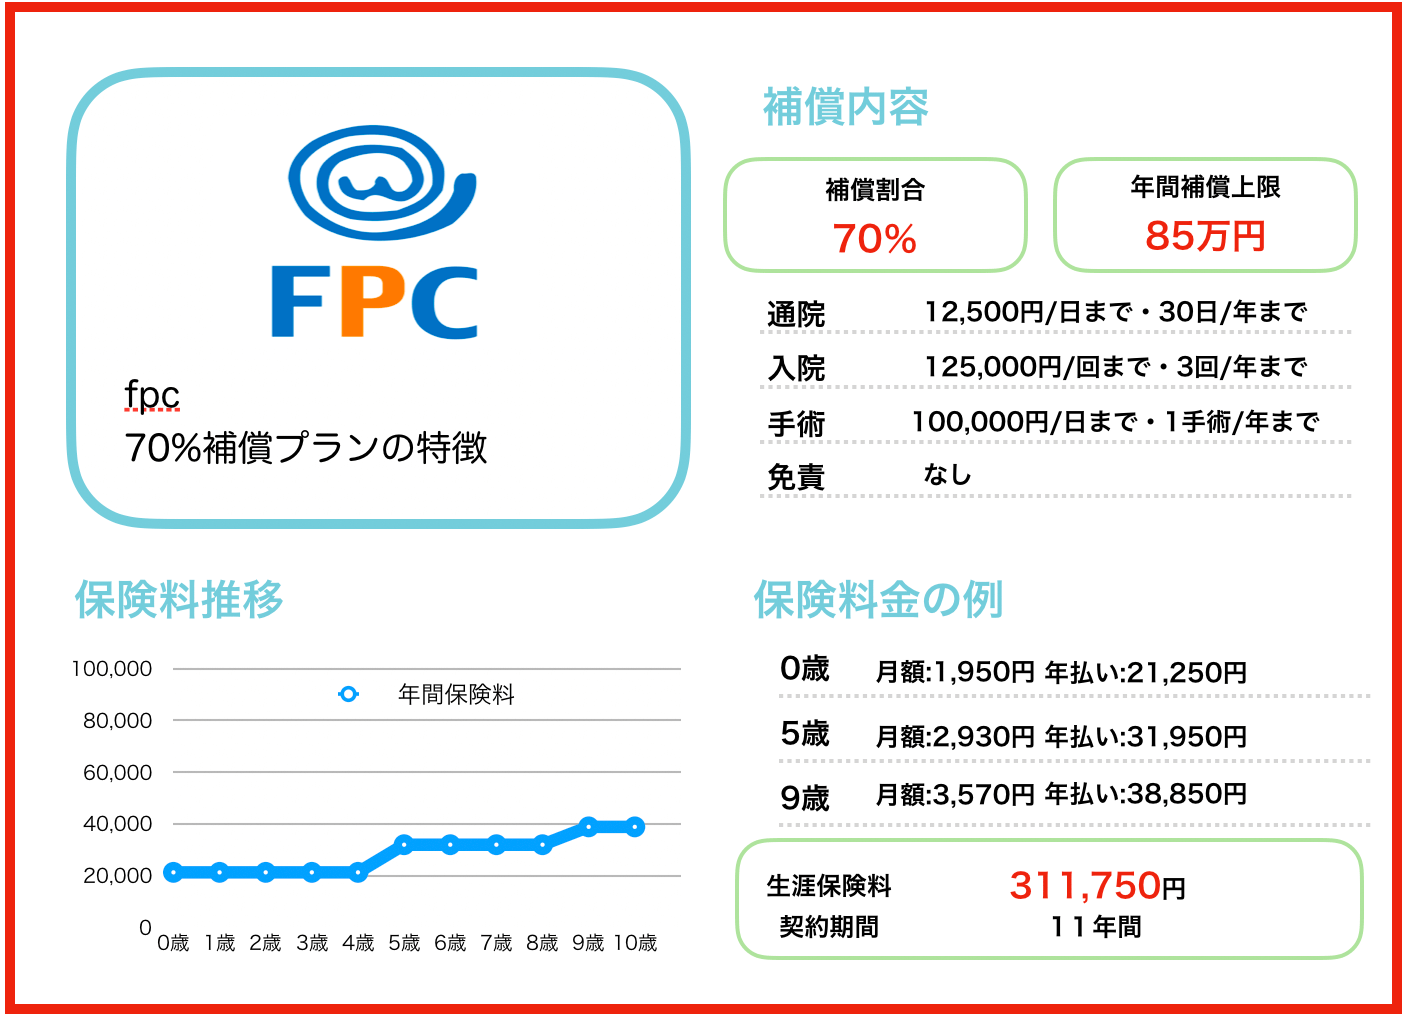 fpc70%補償プラン